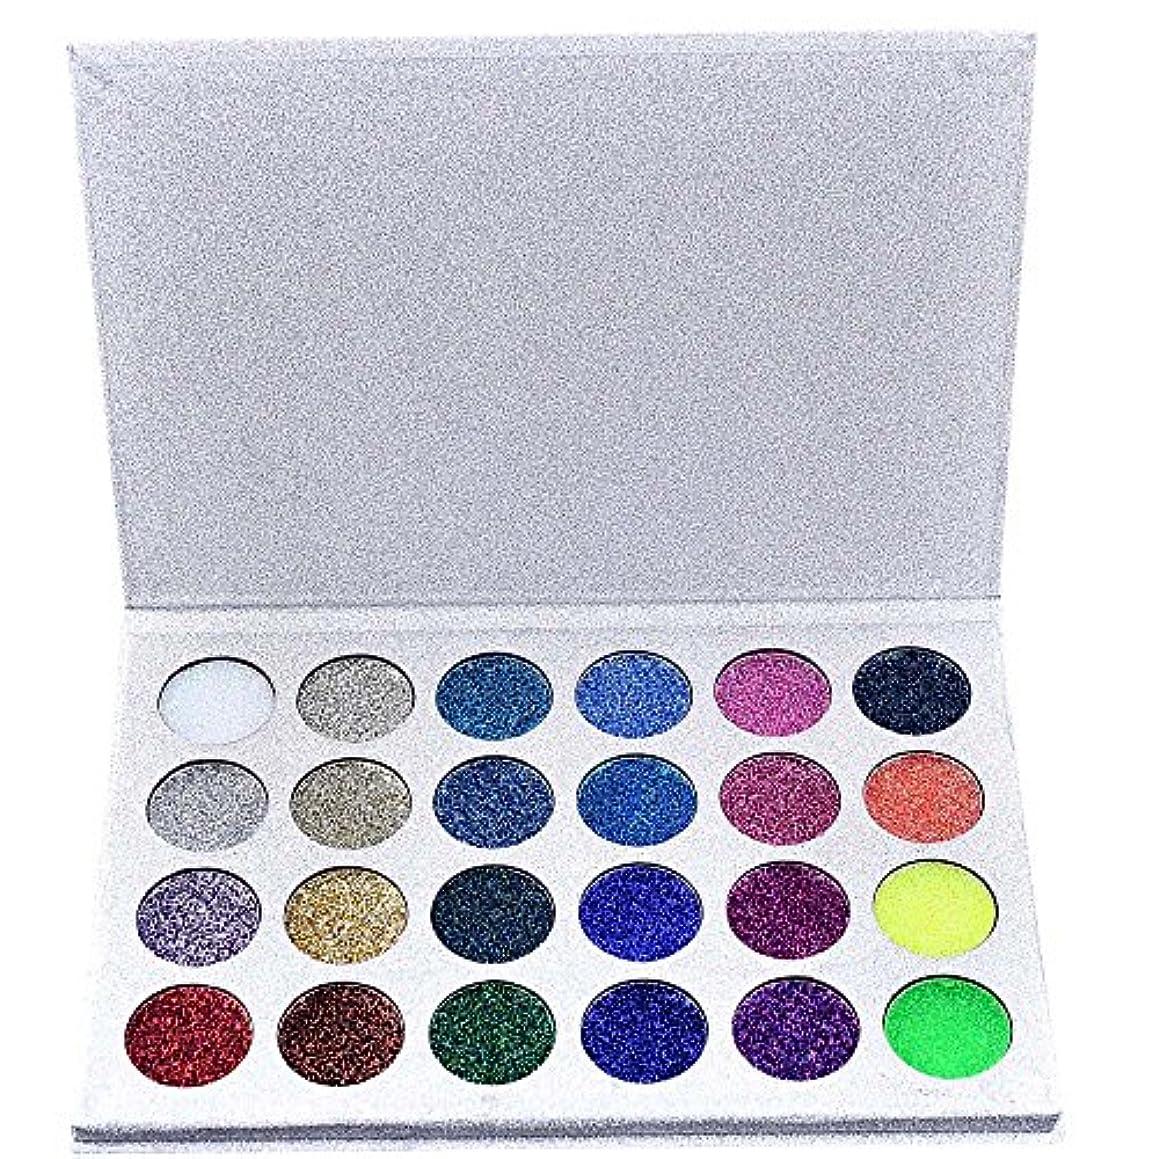 象破裂病弱24色化粧品パウダーアイシャドーパレットメイクナチュラルシマーマットセット